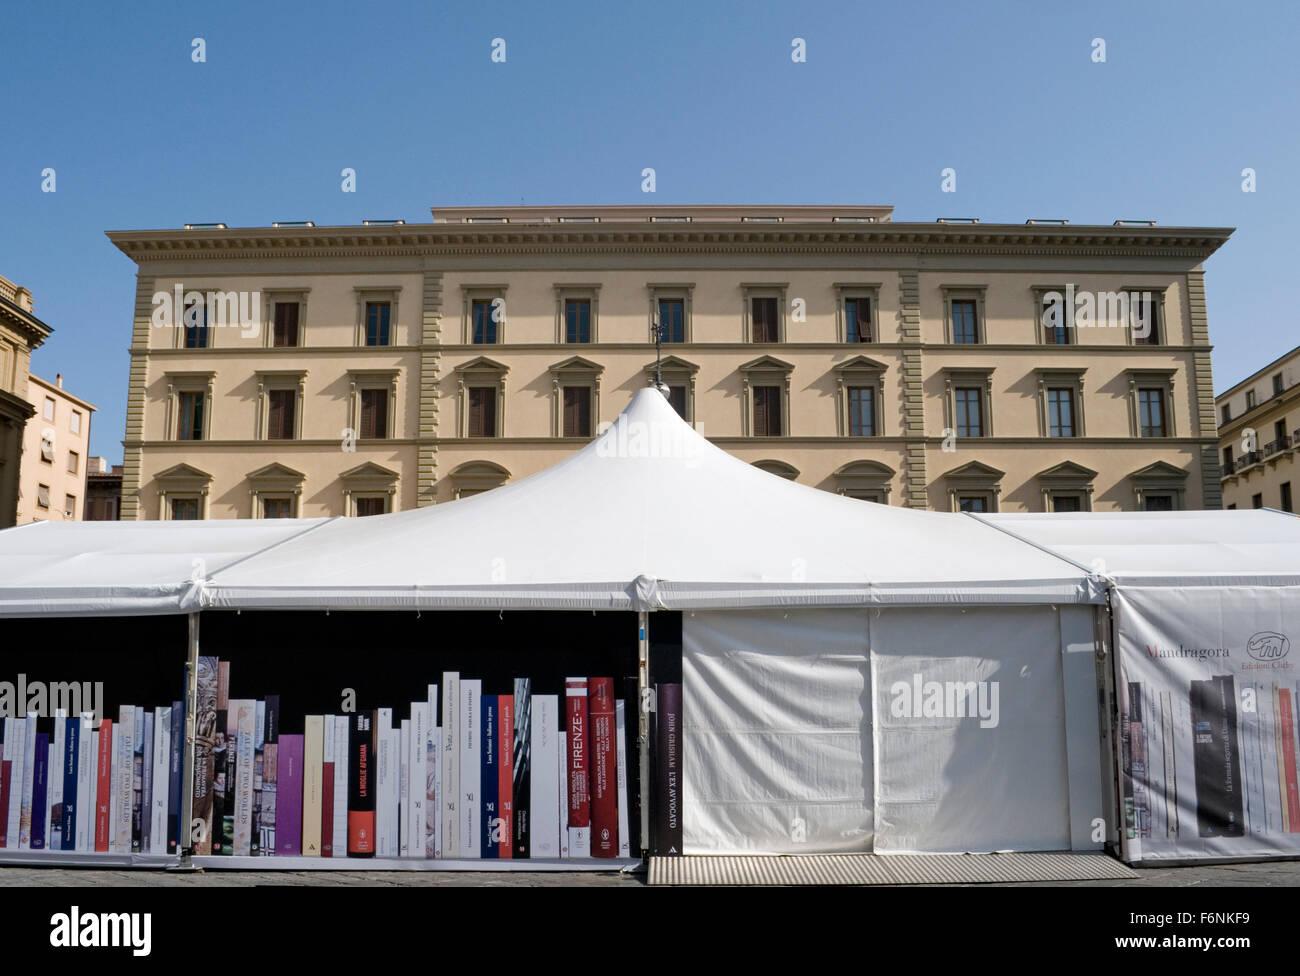 Libri stallo in Piazza della Repubblica, piazza Firenze, Toscana, Italia Immagini Stock